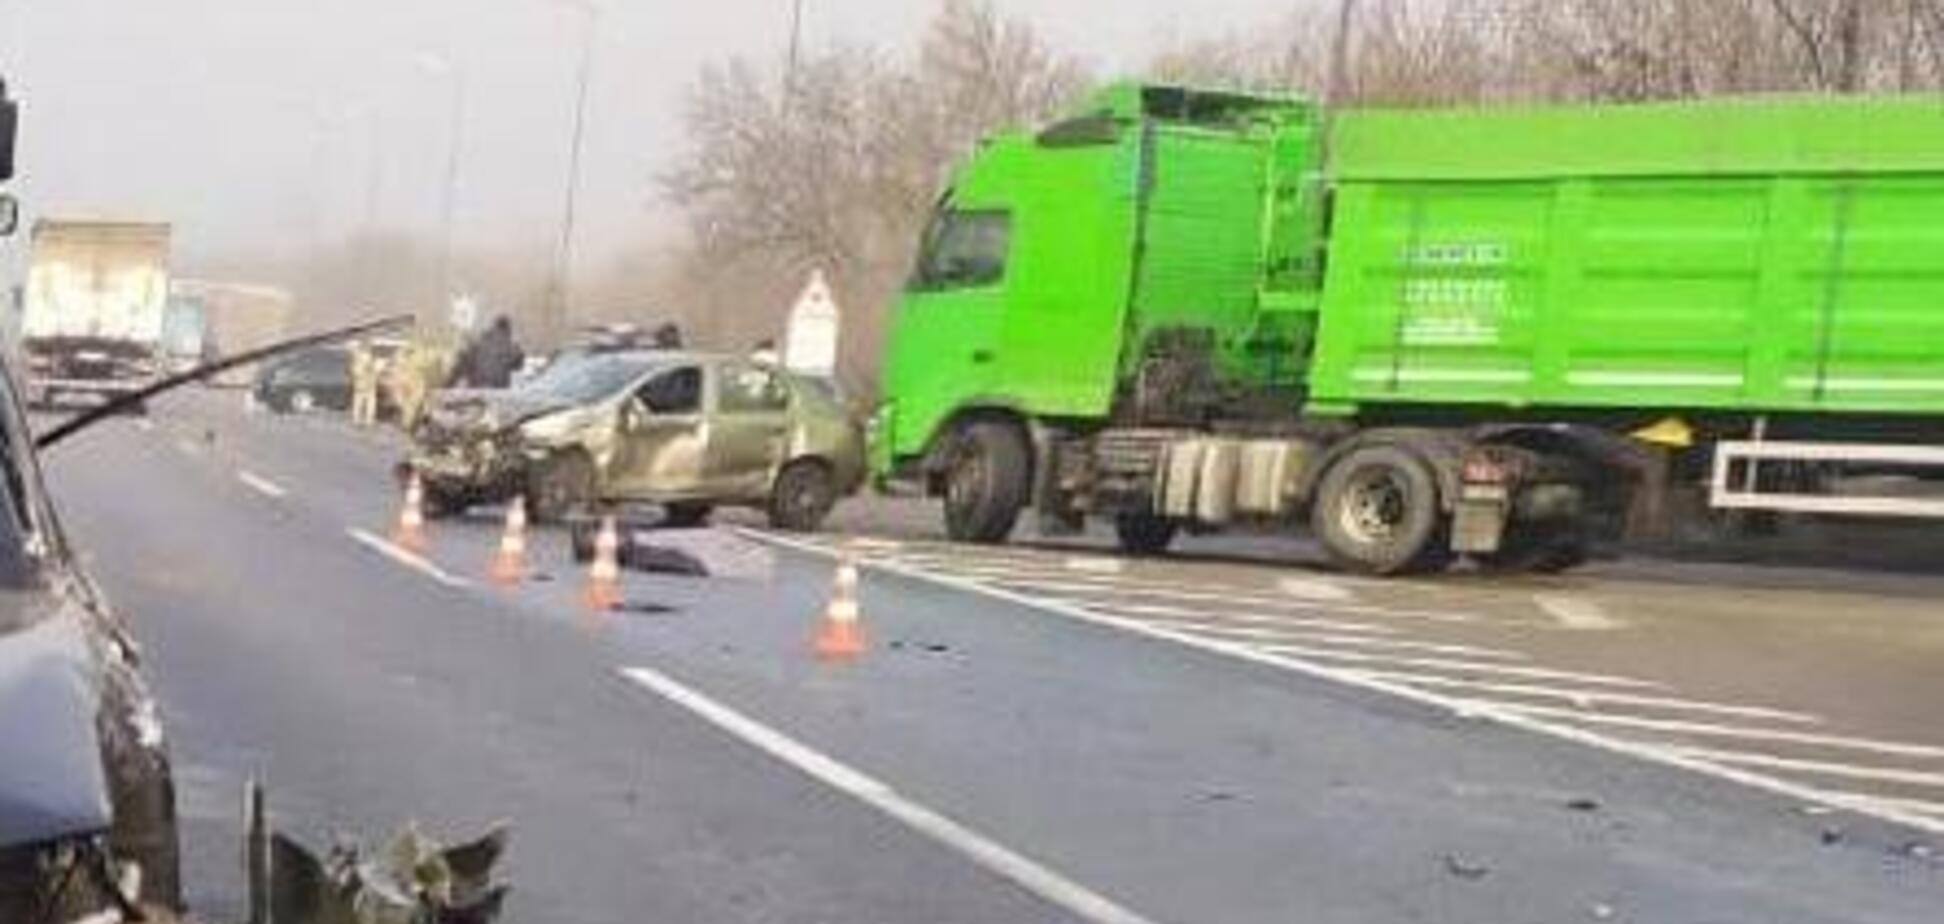 Второе смертельное ДТП за утро: под Одессой легковушка влетела в фуру